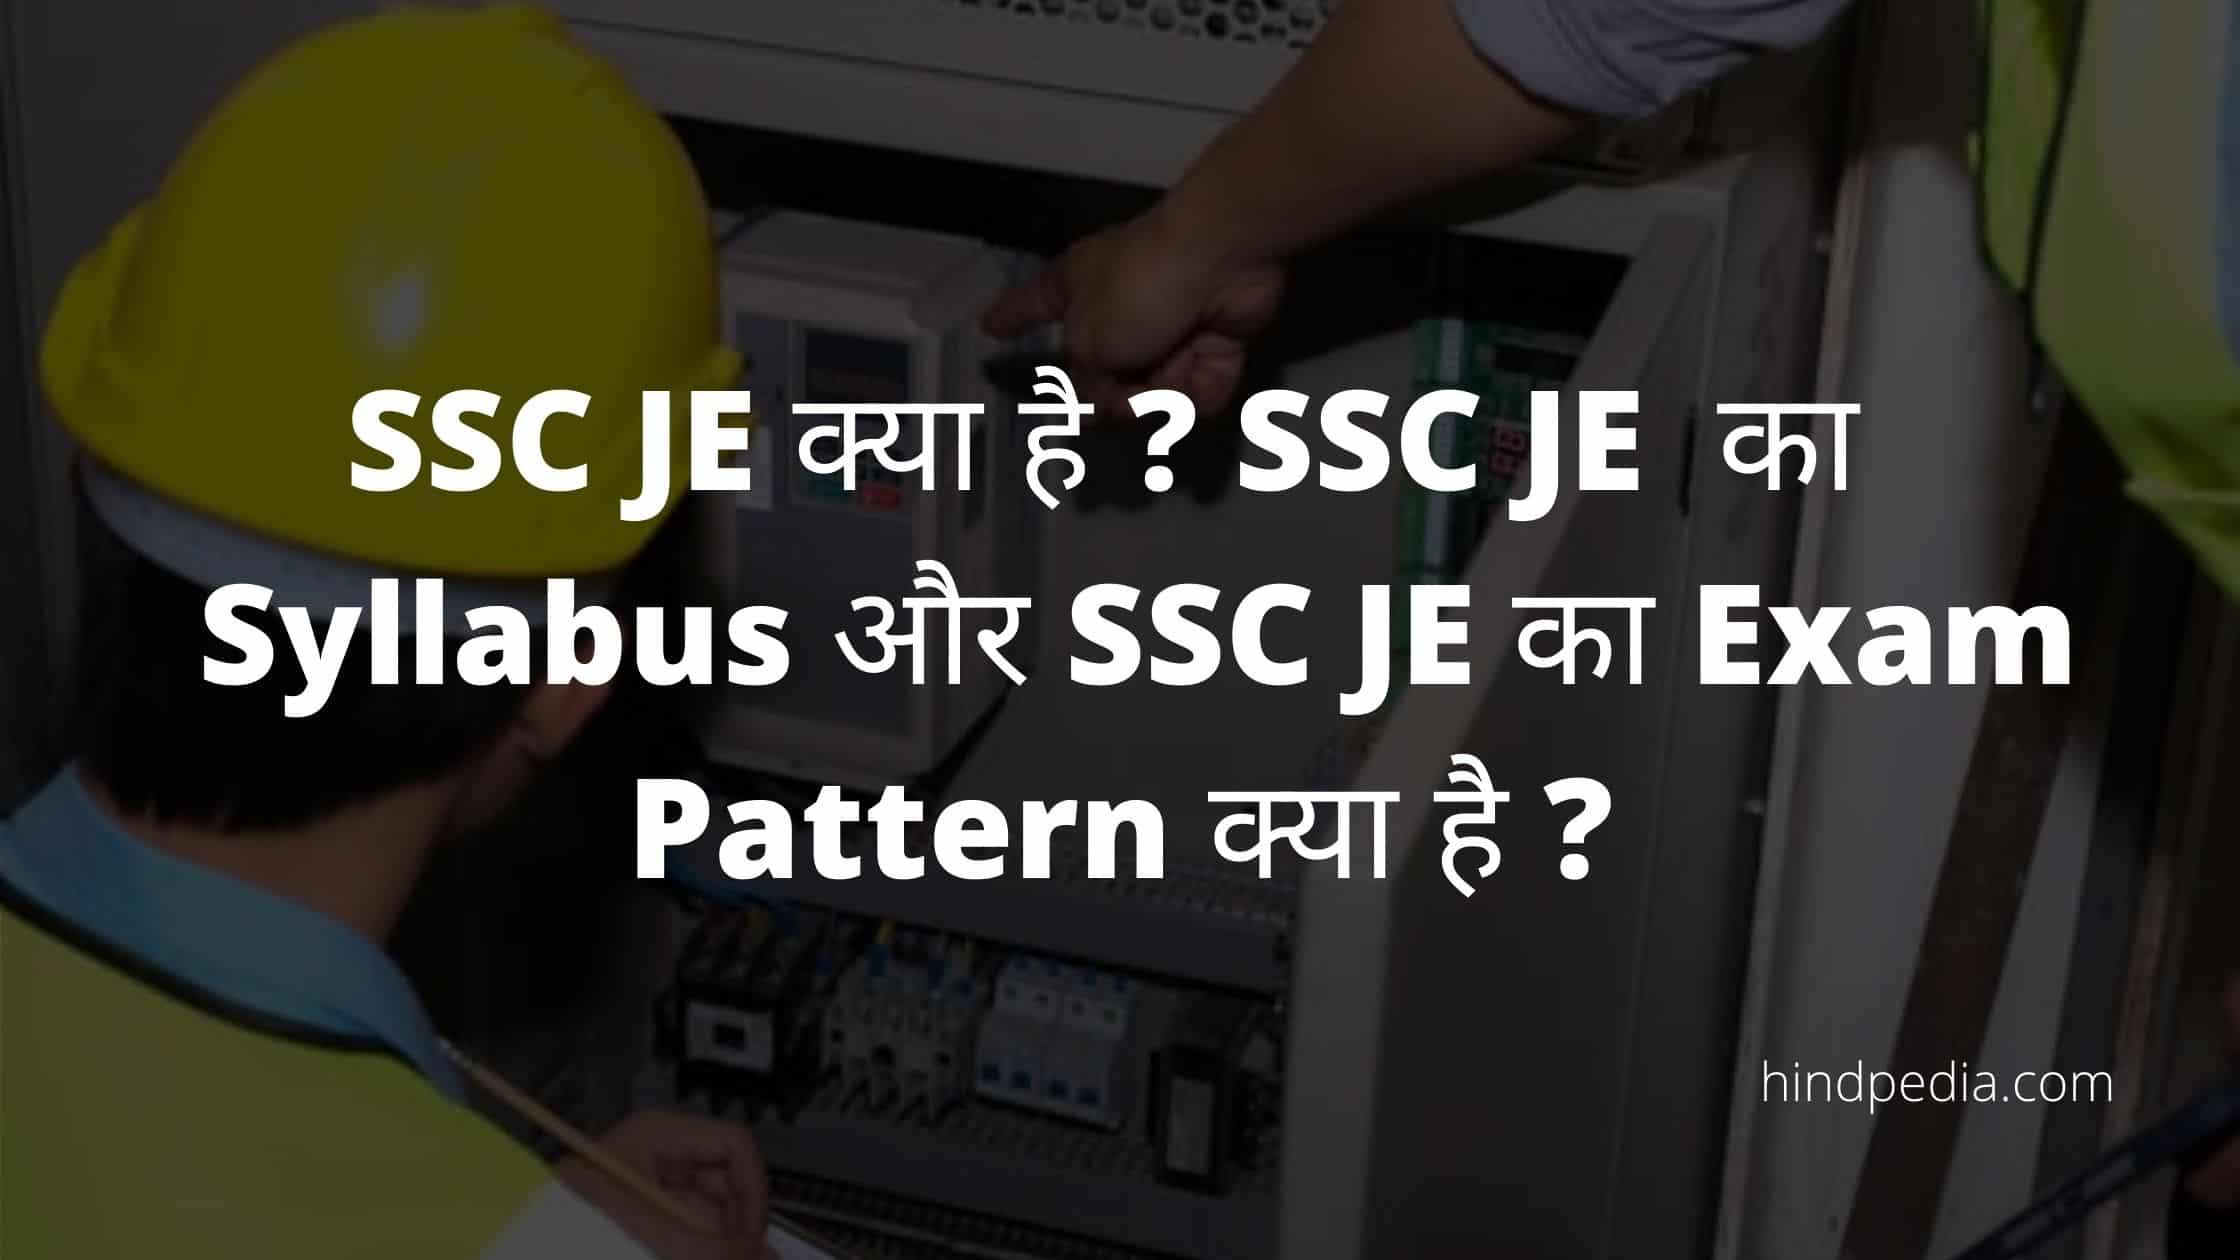 SSC JE क्या है ? SSC JE का Syllabus और SSC JE का Exam Pattern क्या है ?